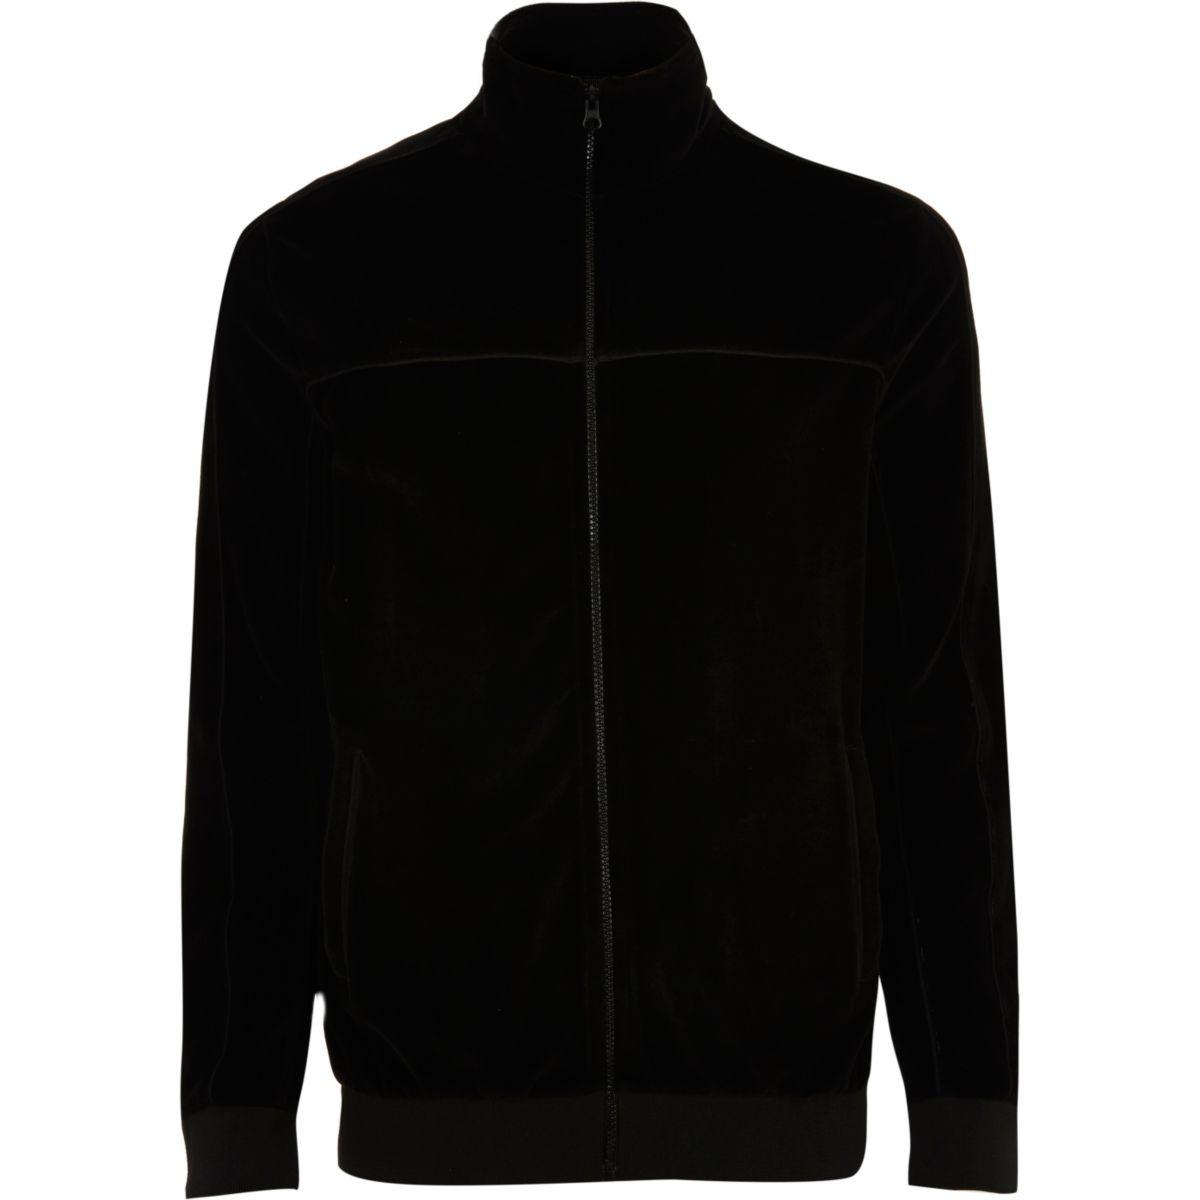 Veste de survêtement en velours noir